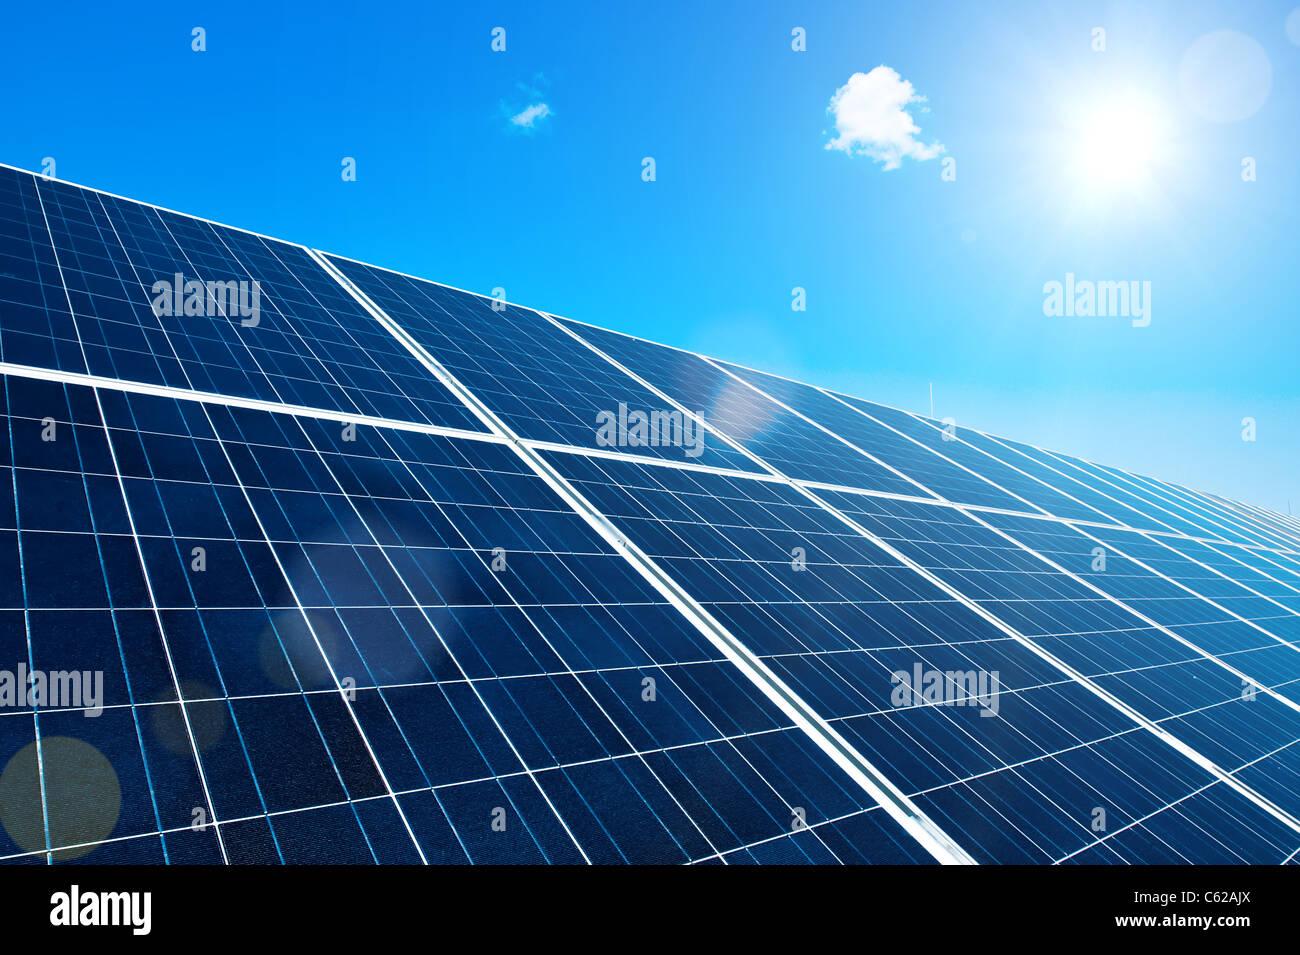 Panel solar con sol y cielo azul y destellos de lente Imagen De Stock